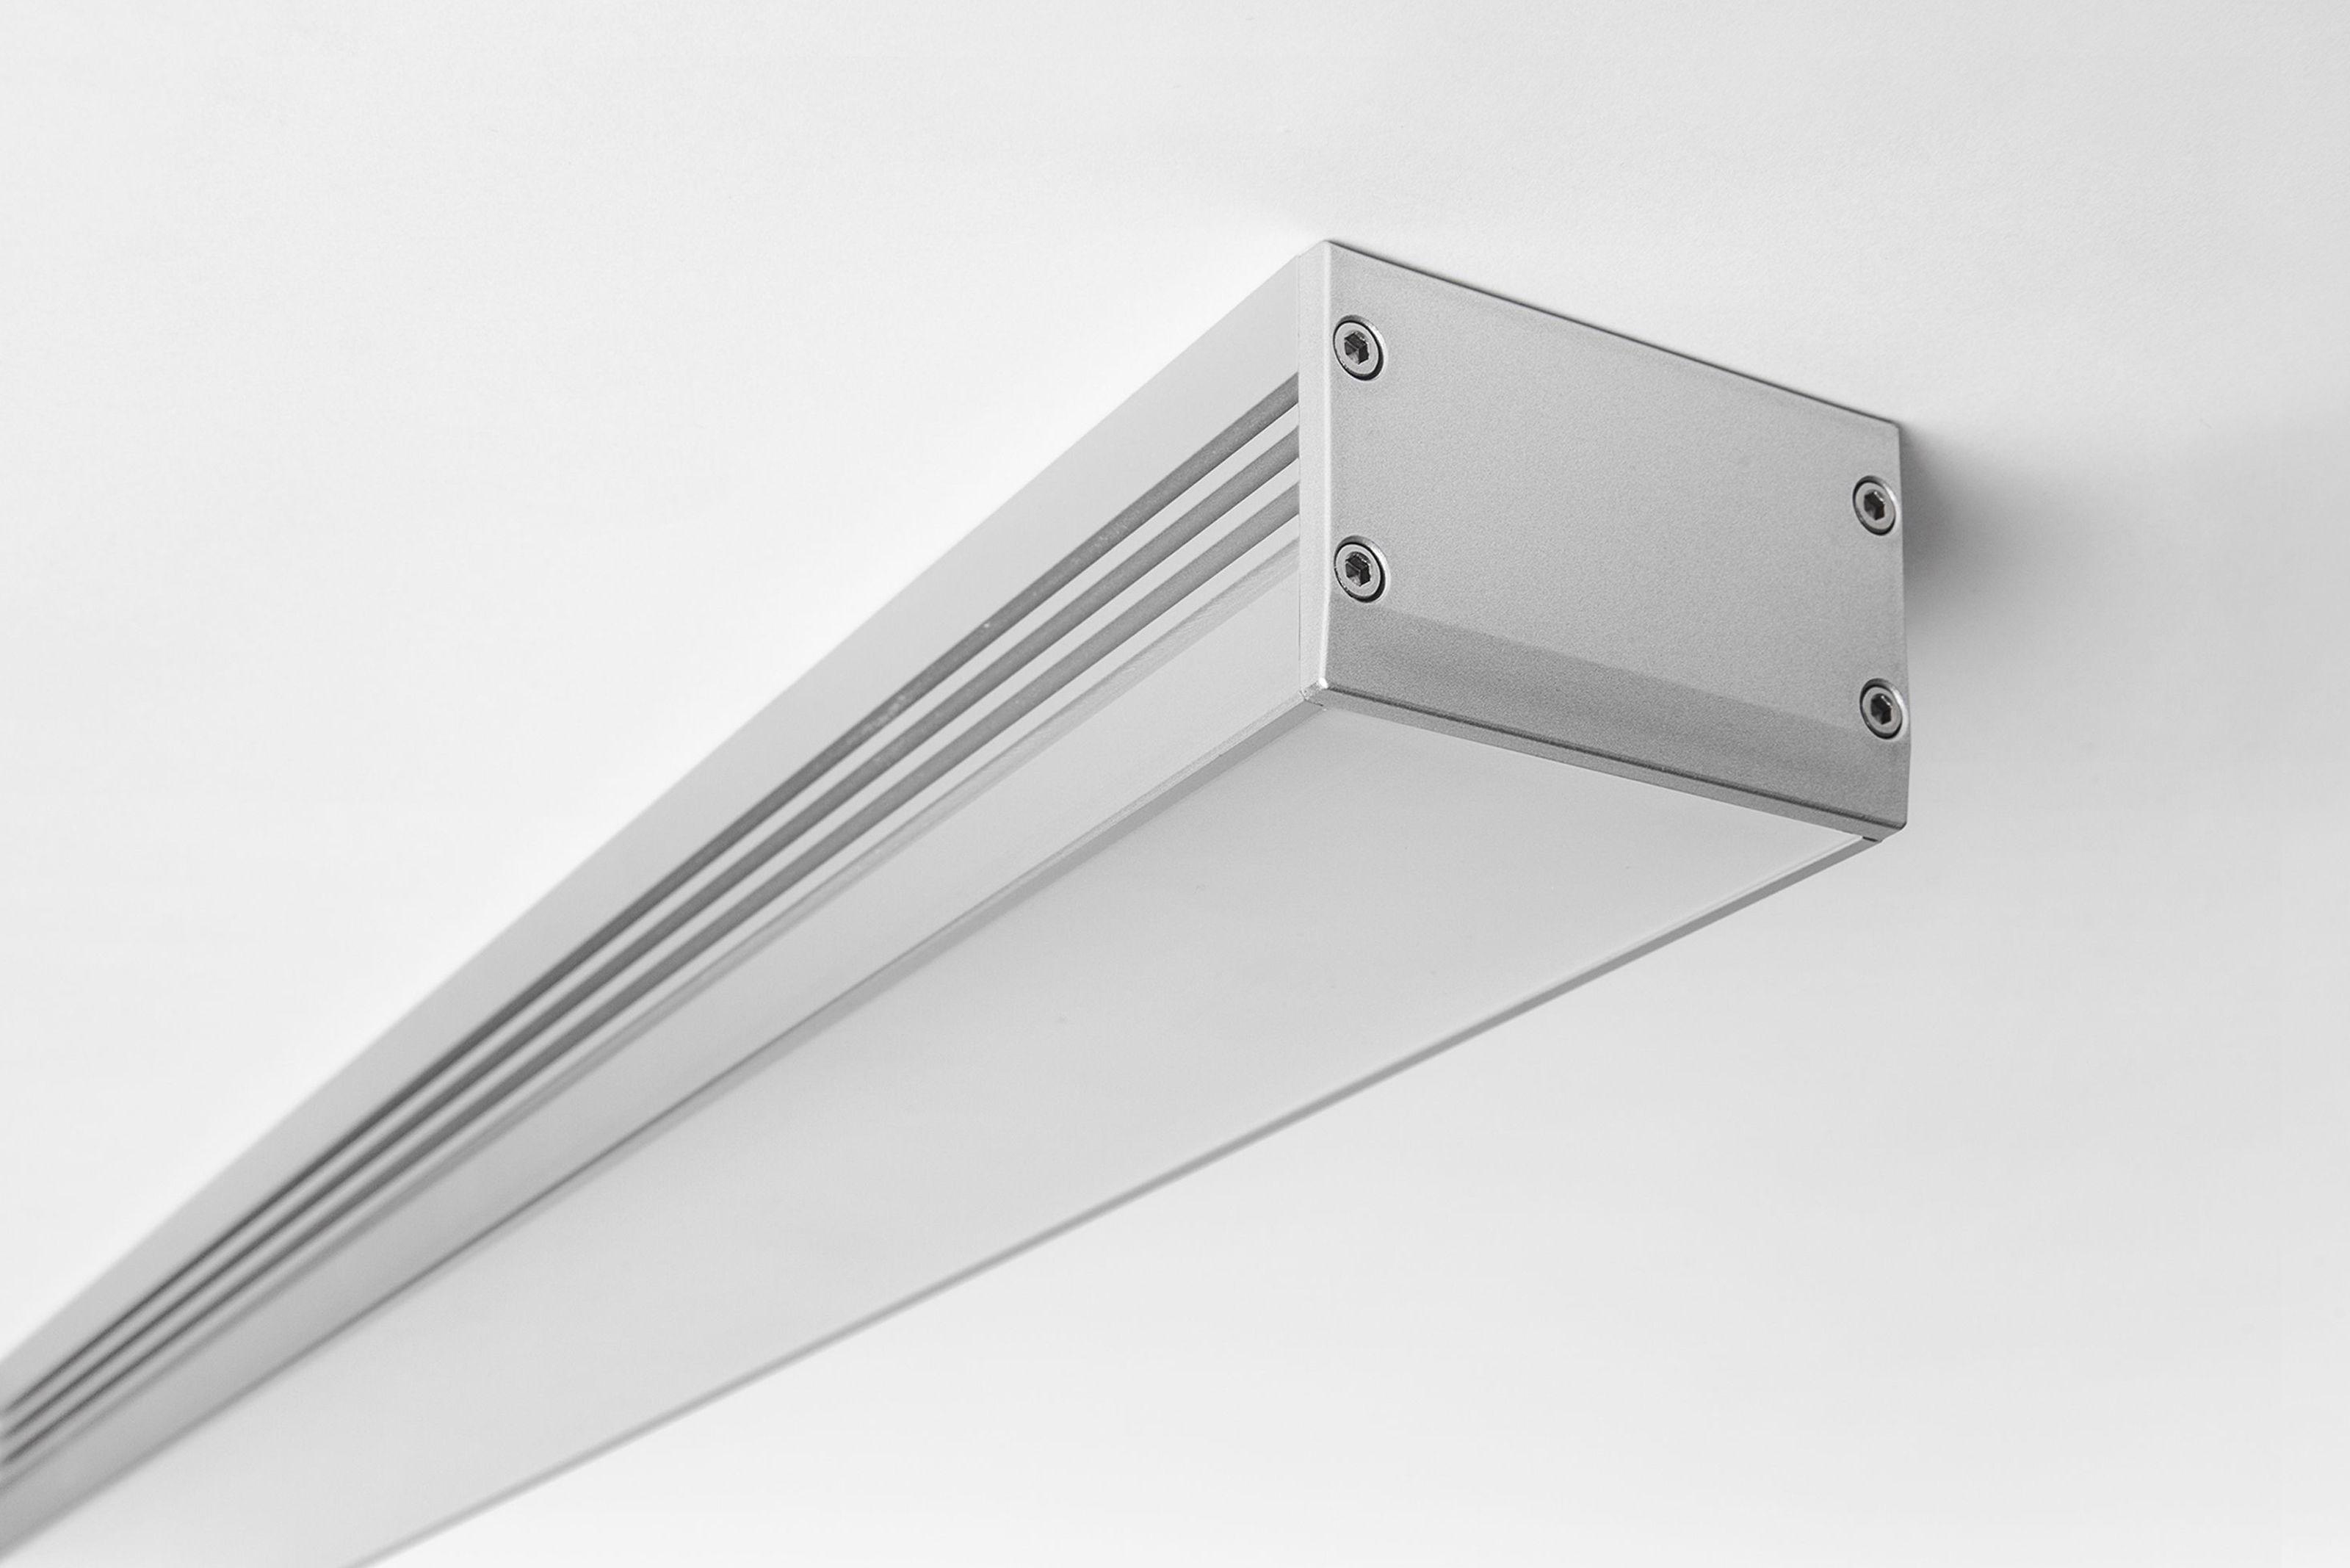 lightline-rico-1-mj-lighting-v2